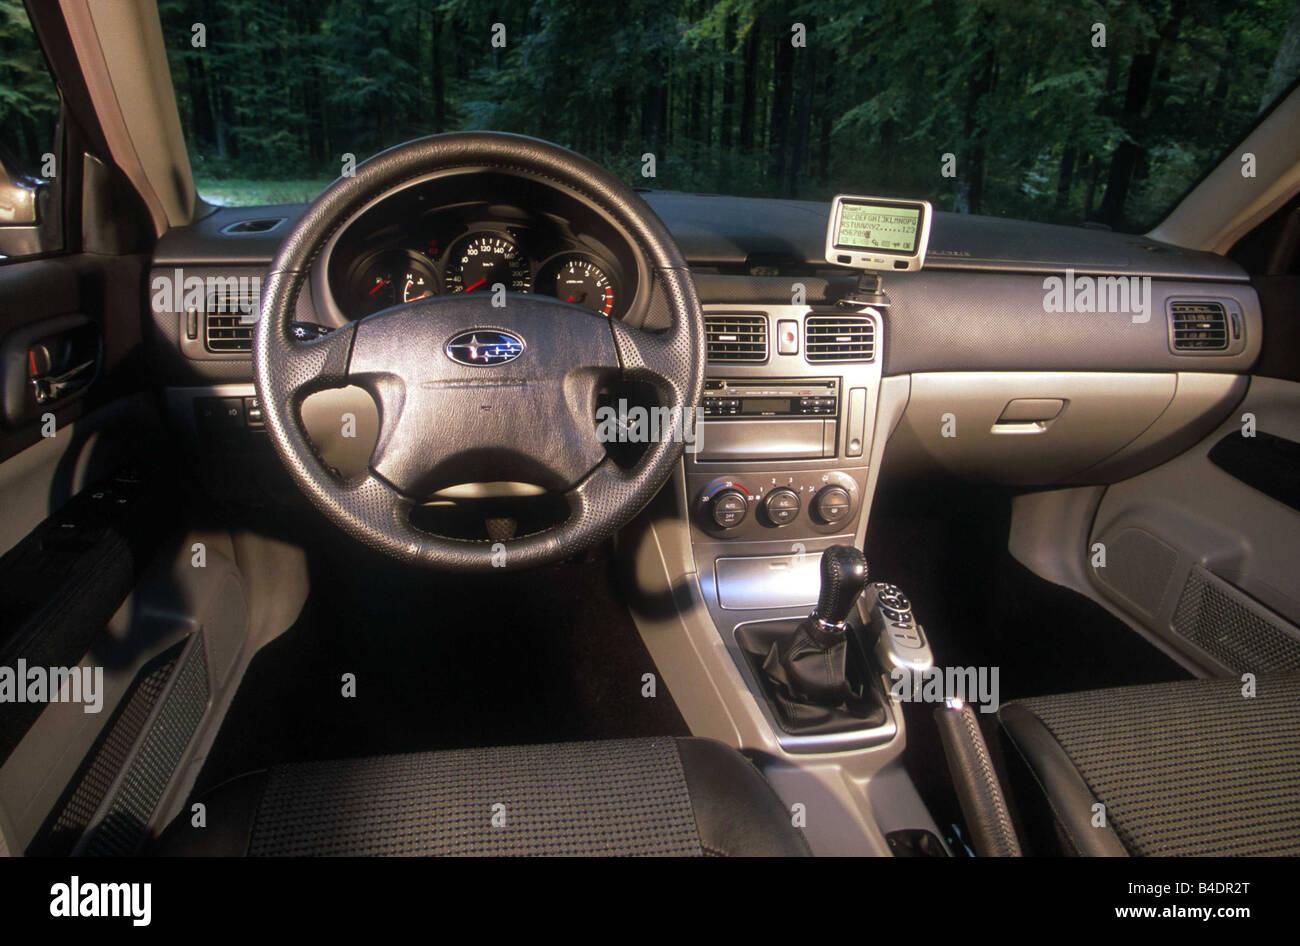 Auto, Subaru Forester, Mittelklasse, Fließheck, Baujahr 2002-Silber ...